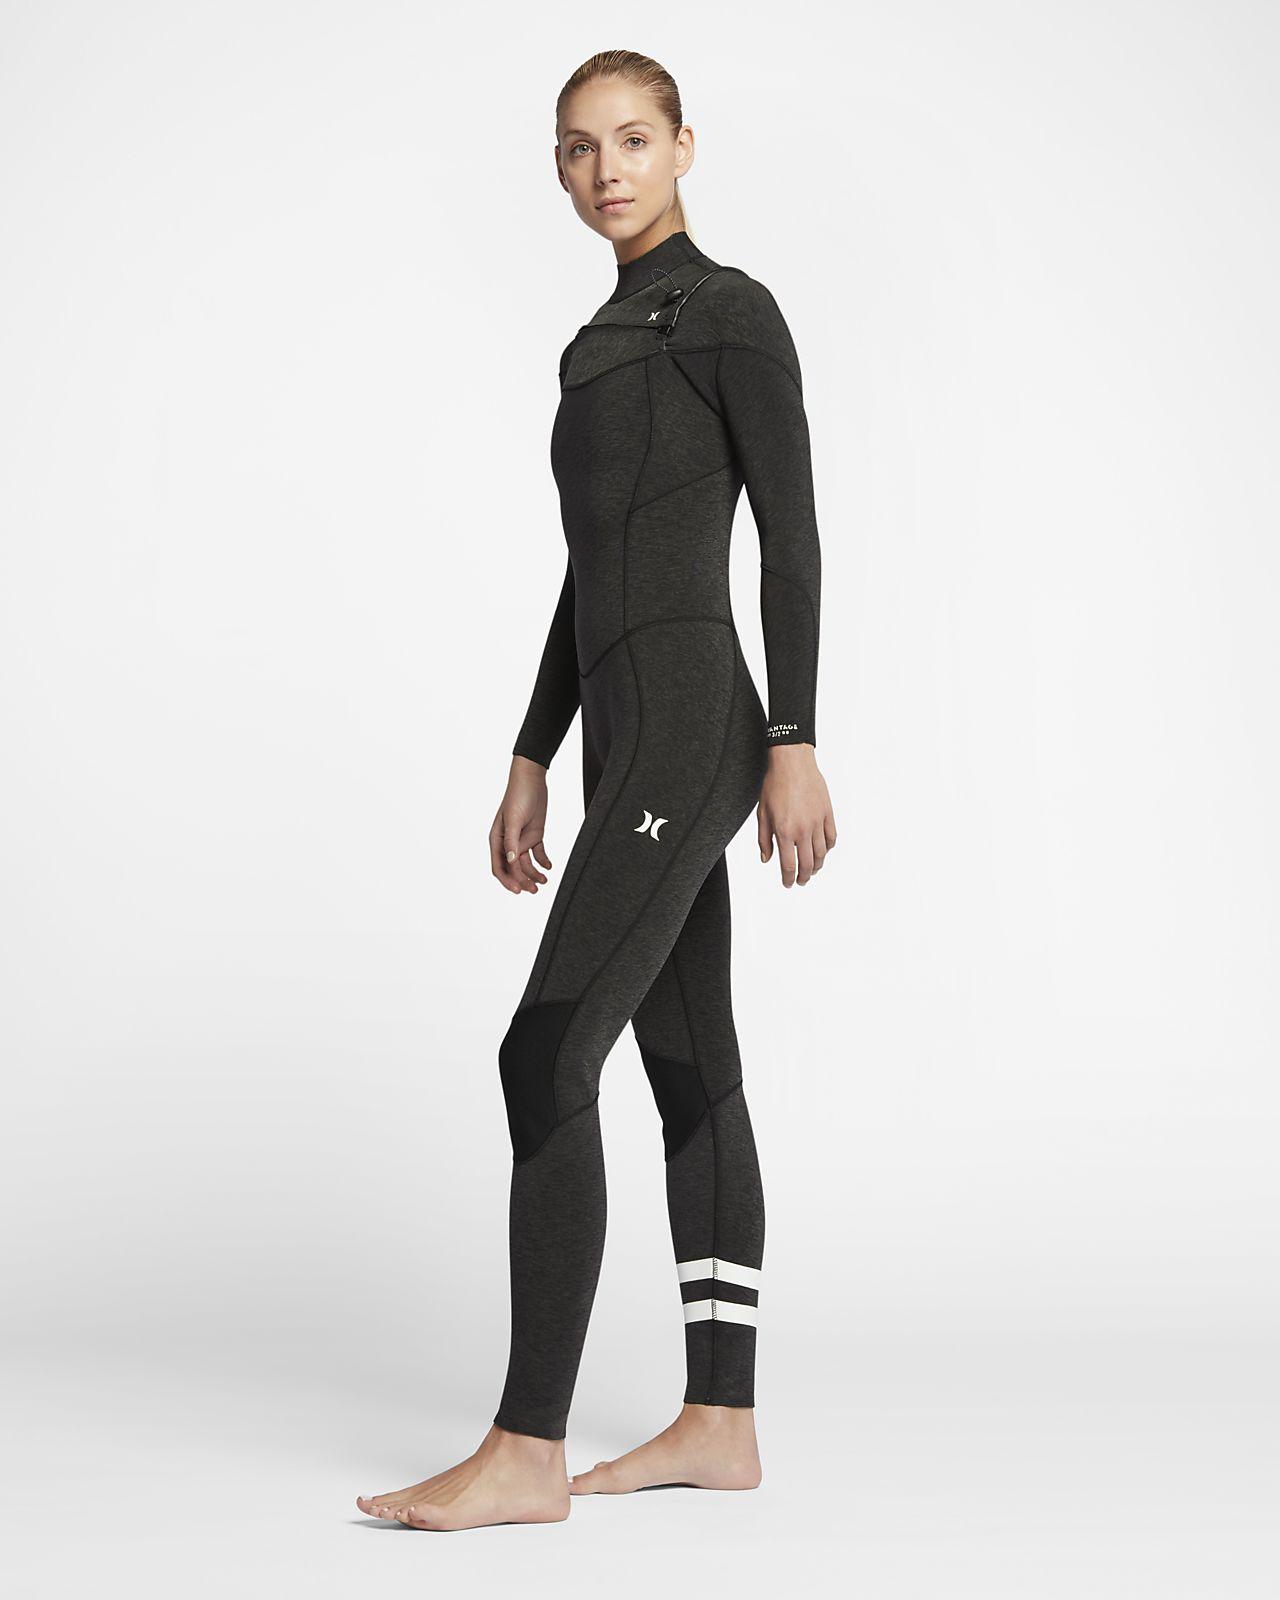 bc2552648c Hurley Advantage Plus 3 2mm Fullsuit Women s Wetsuit. Nike.com AU